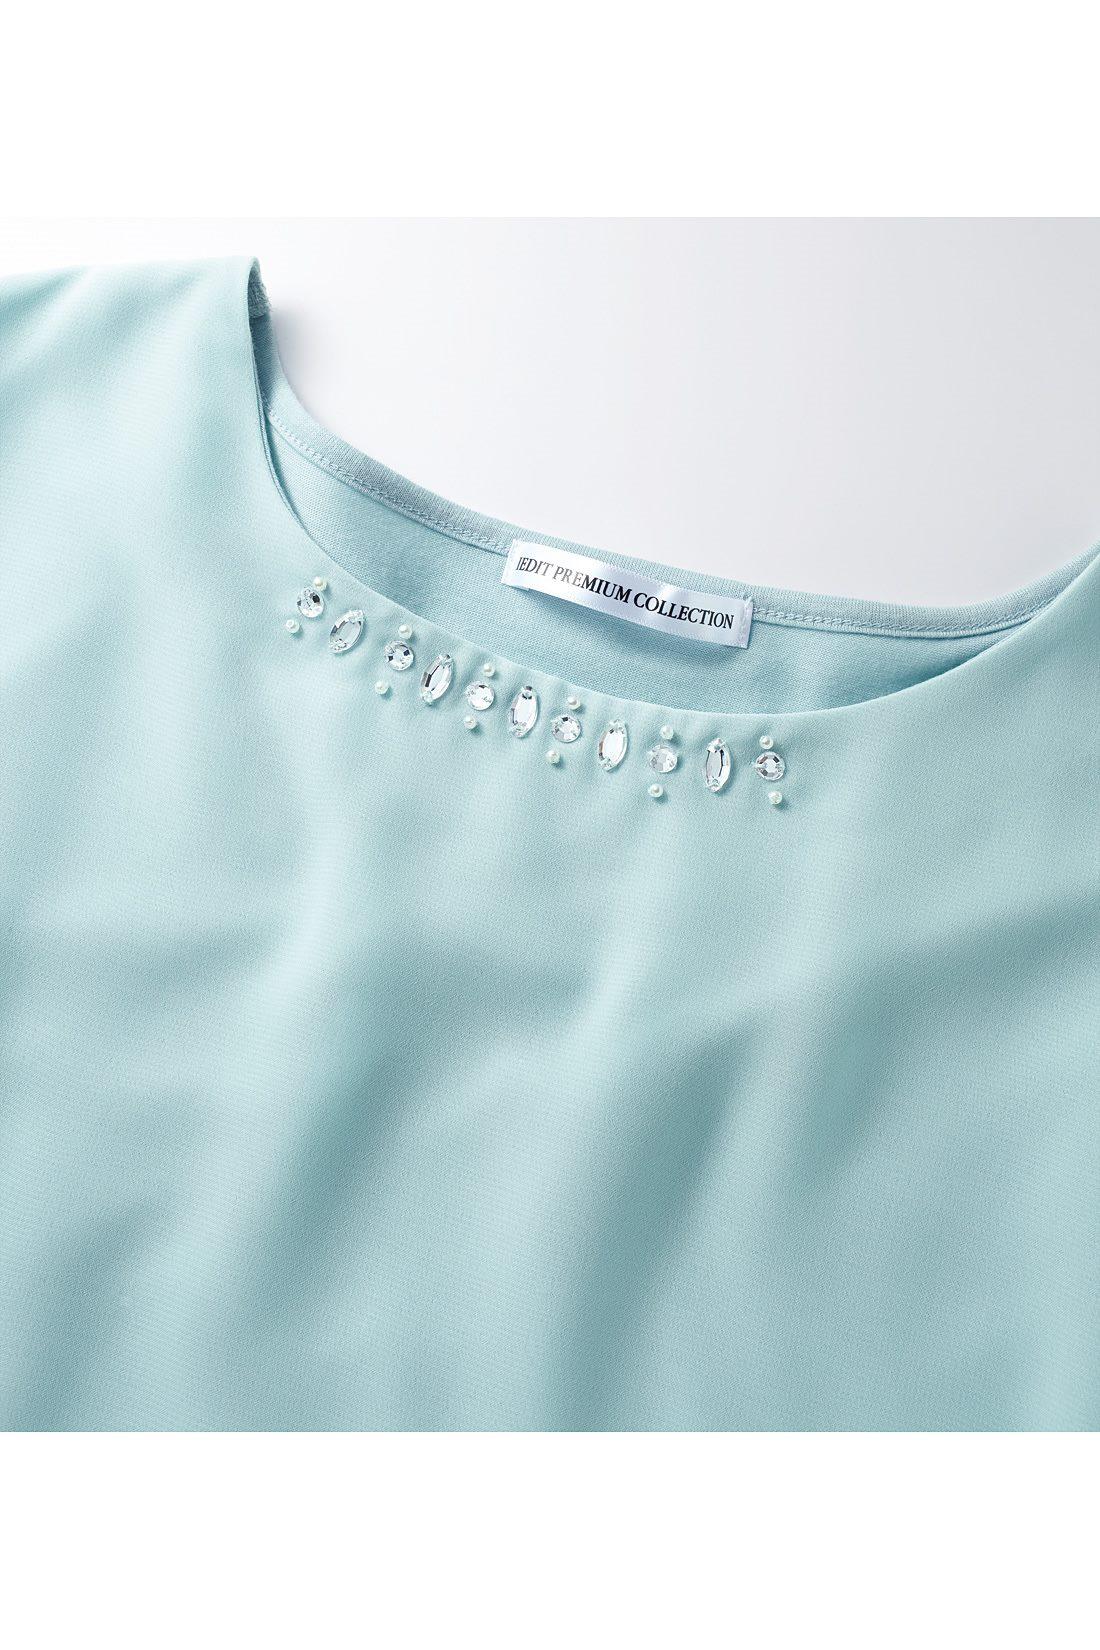 胸もとのビジューは、カーデやジャケットをはおっても邪魔にならないように配置。 ※お届けするカラーとは異なります。